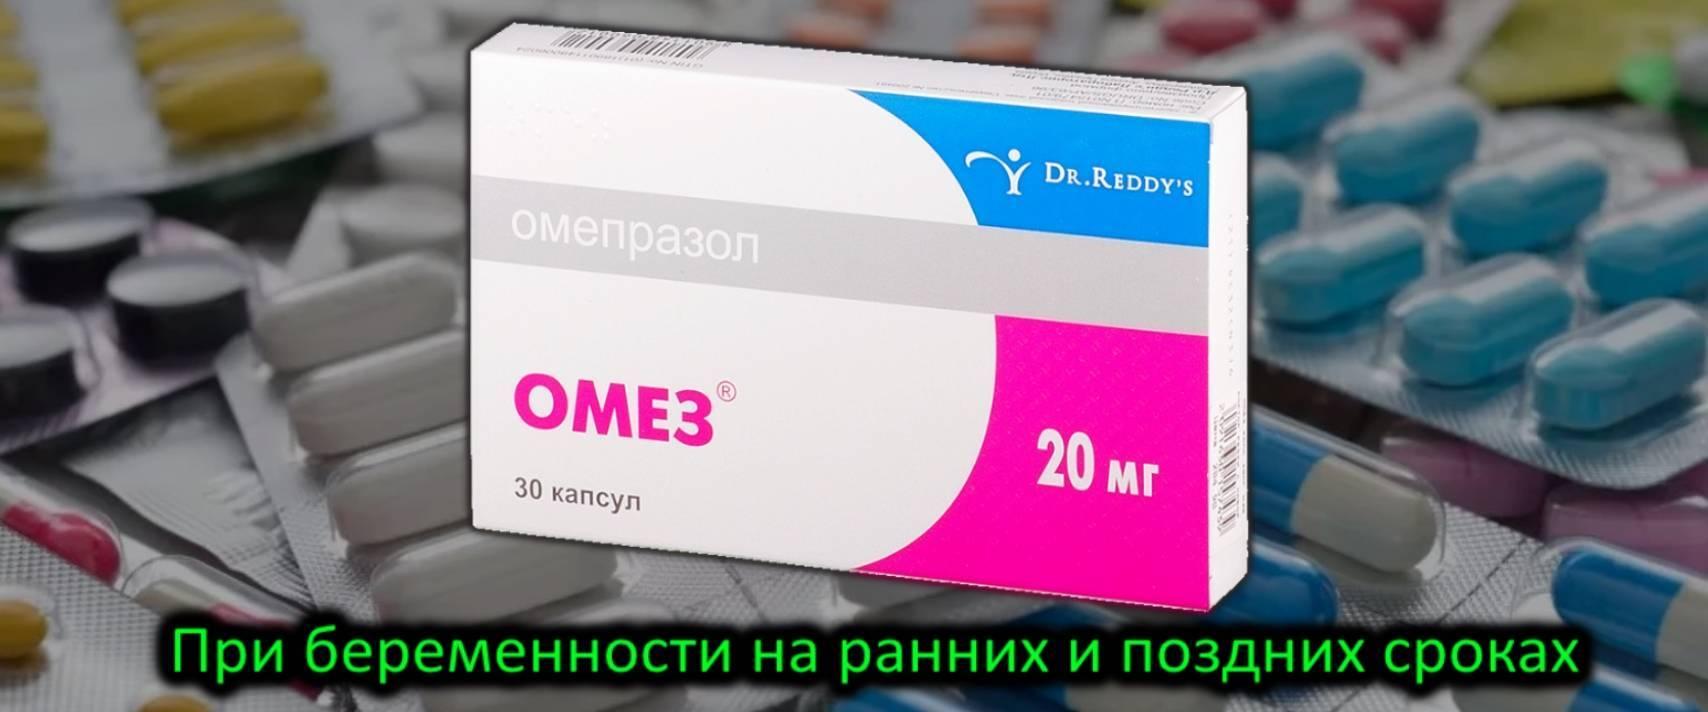 Можно ли принимать препарат омез беременным девушкам? - доктор нк